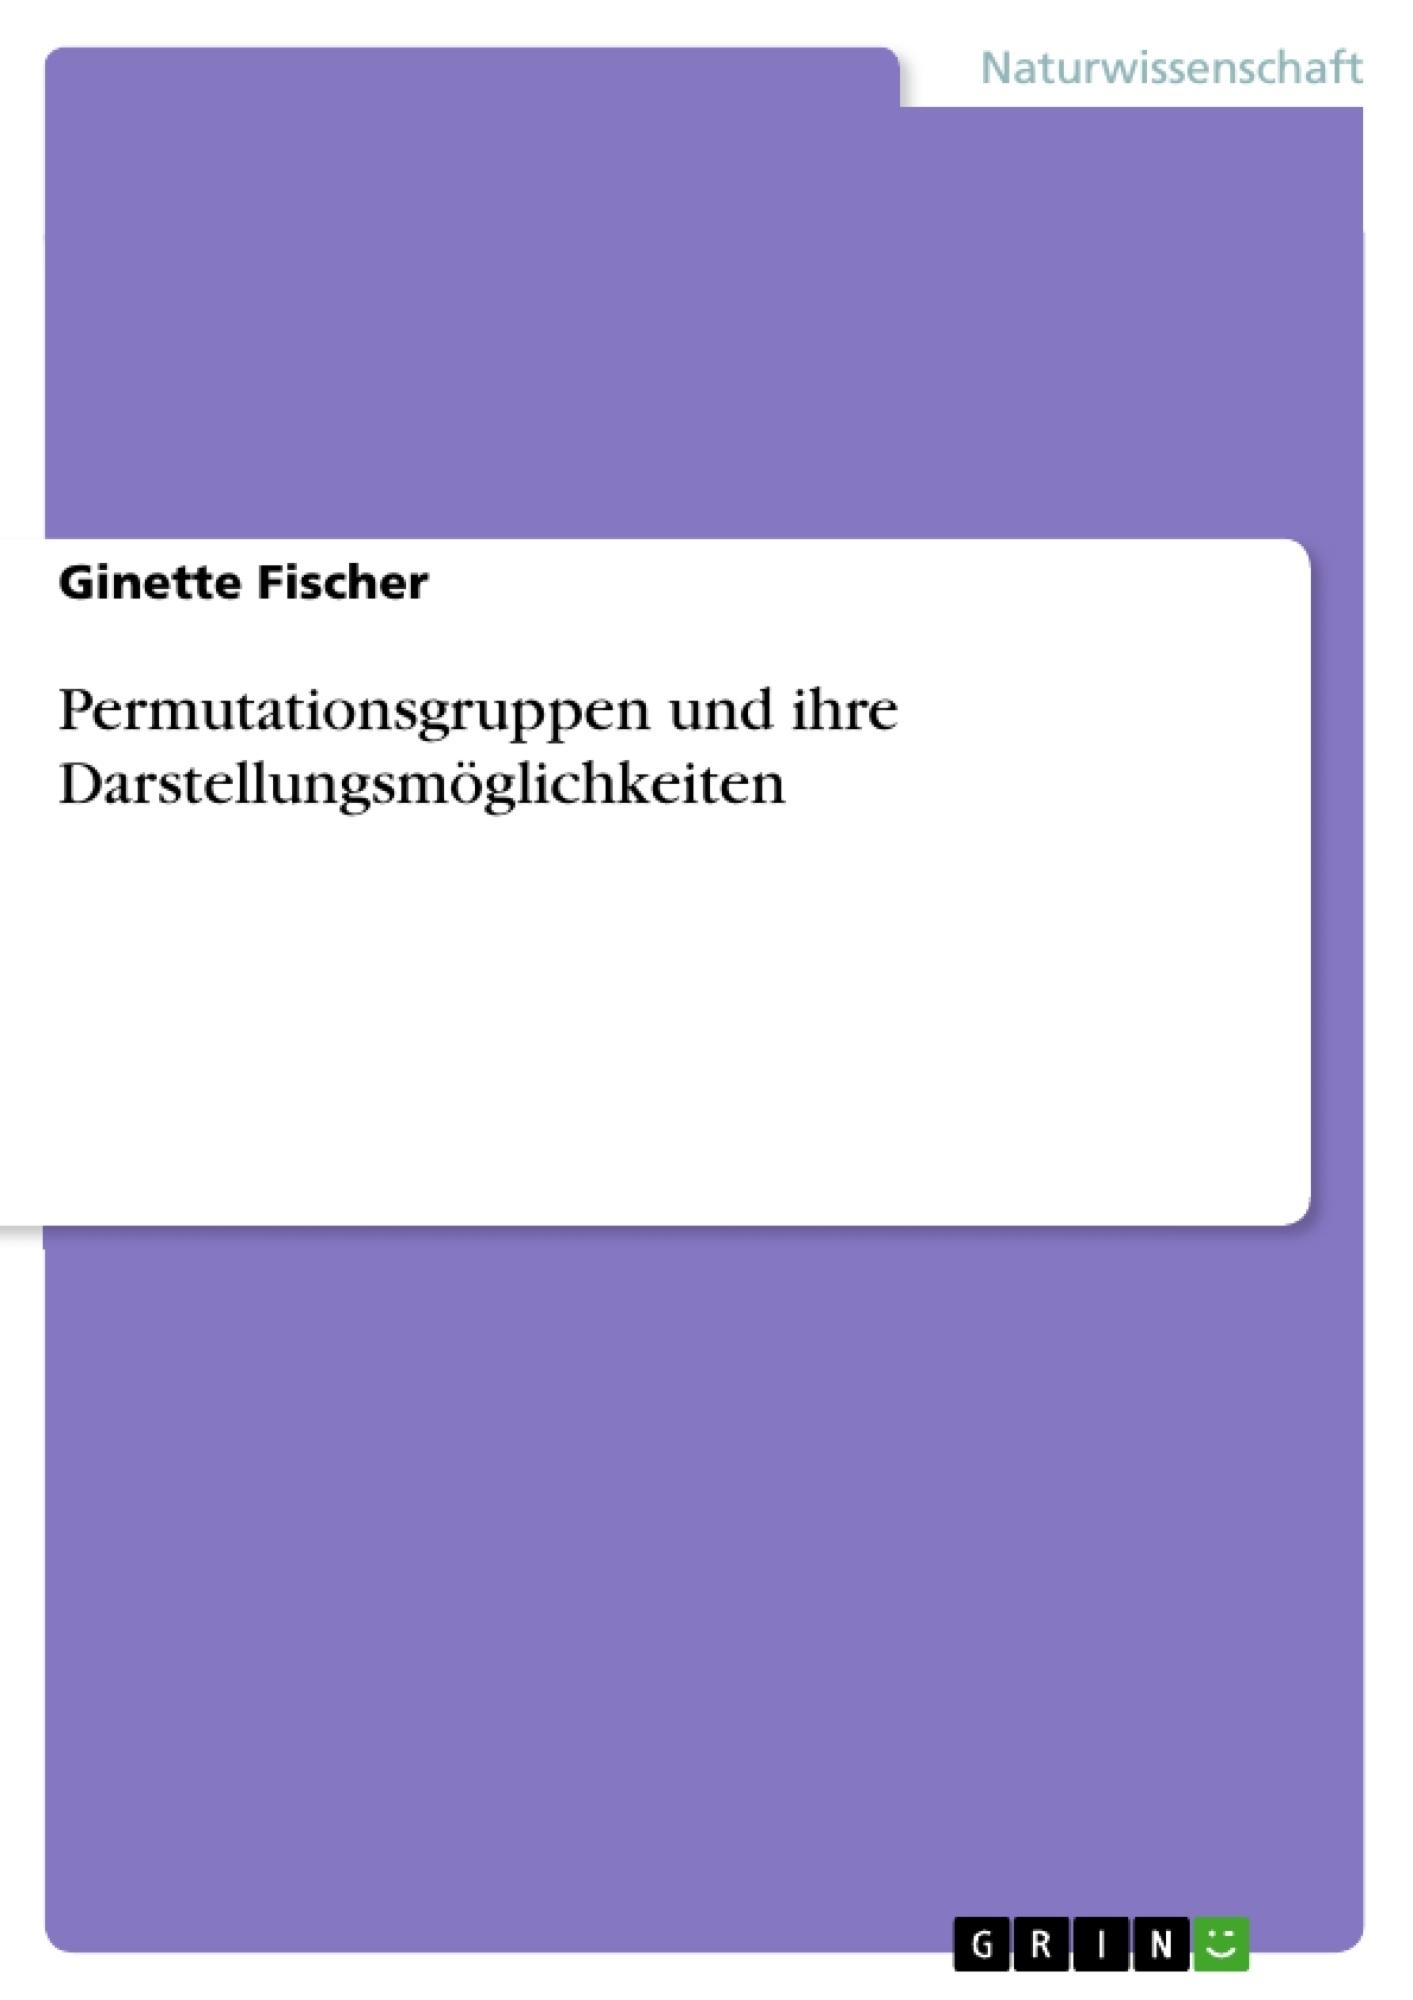 Titel: Permutationsgruppen und ihre Darstellungsmöglichkeiten